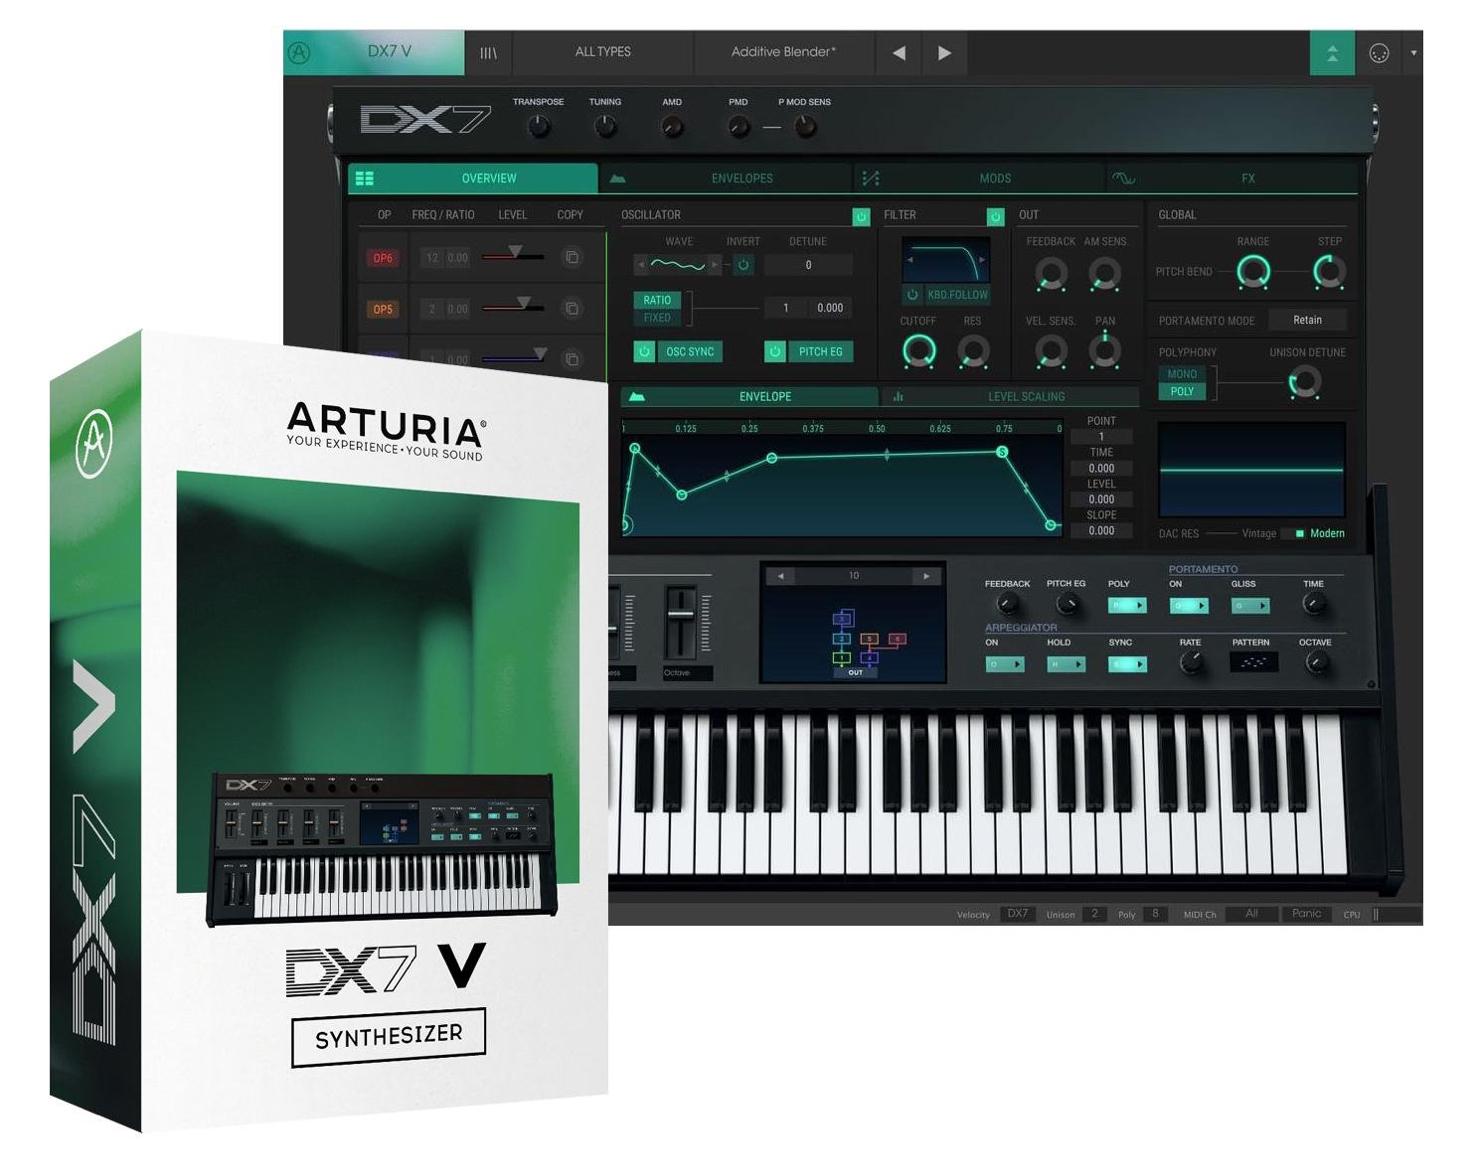 Arturia-DX7V